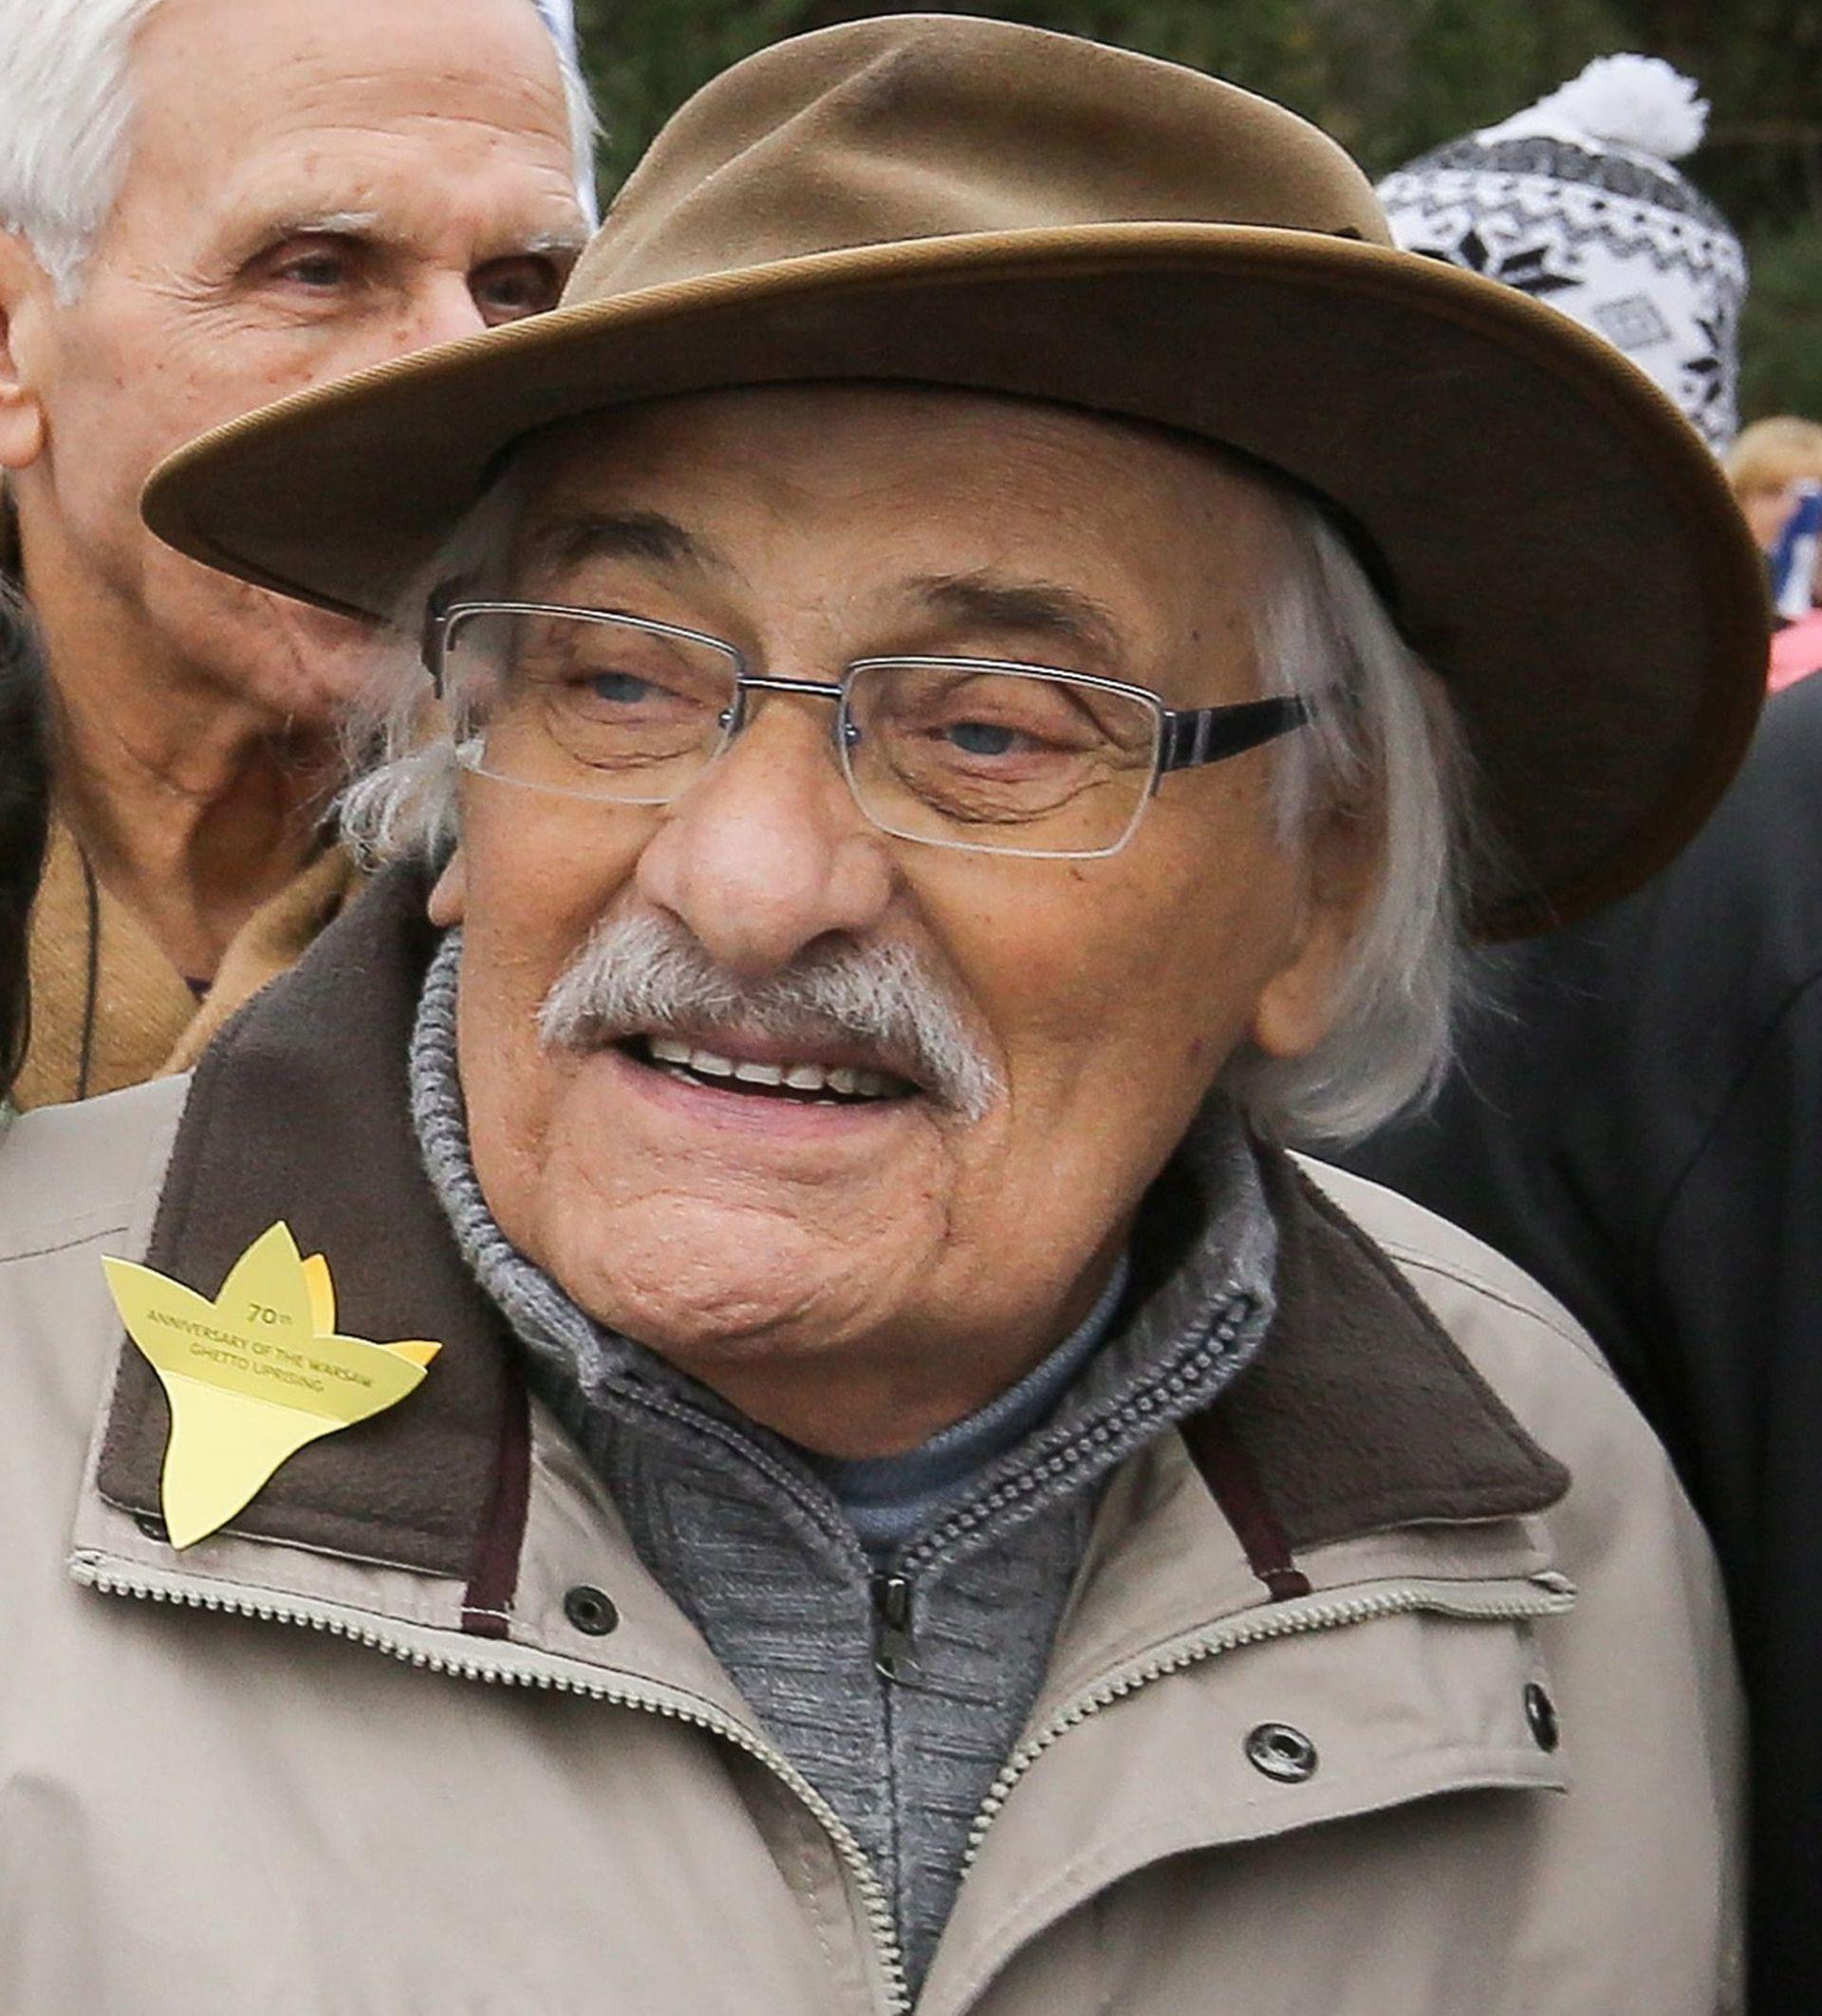 Pobuna u Treblinki: Preminuo posljednji preživjeli iz pobune